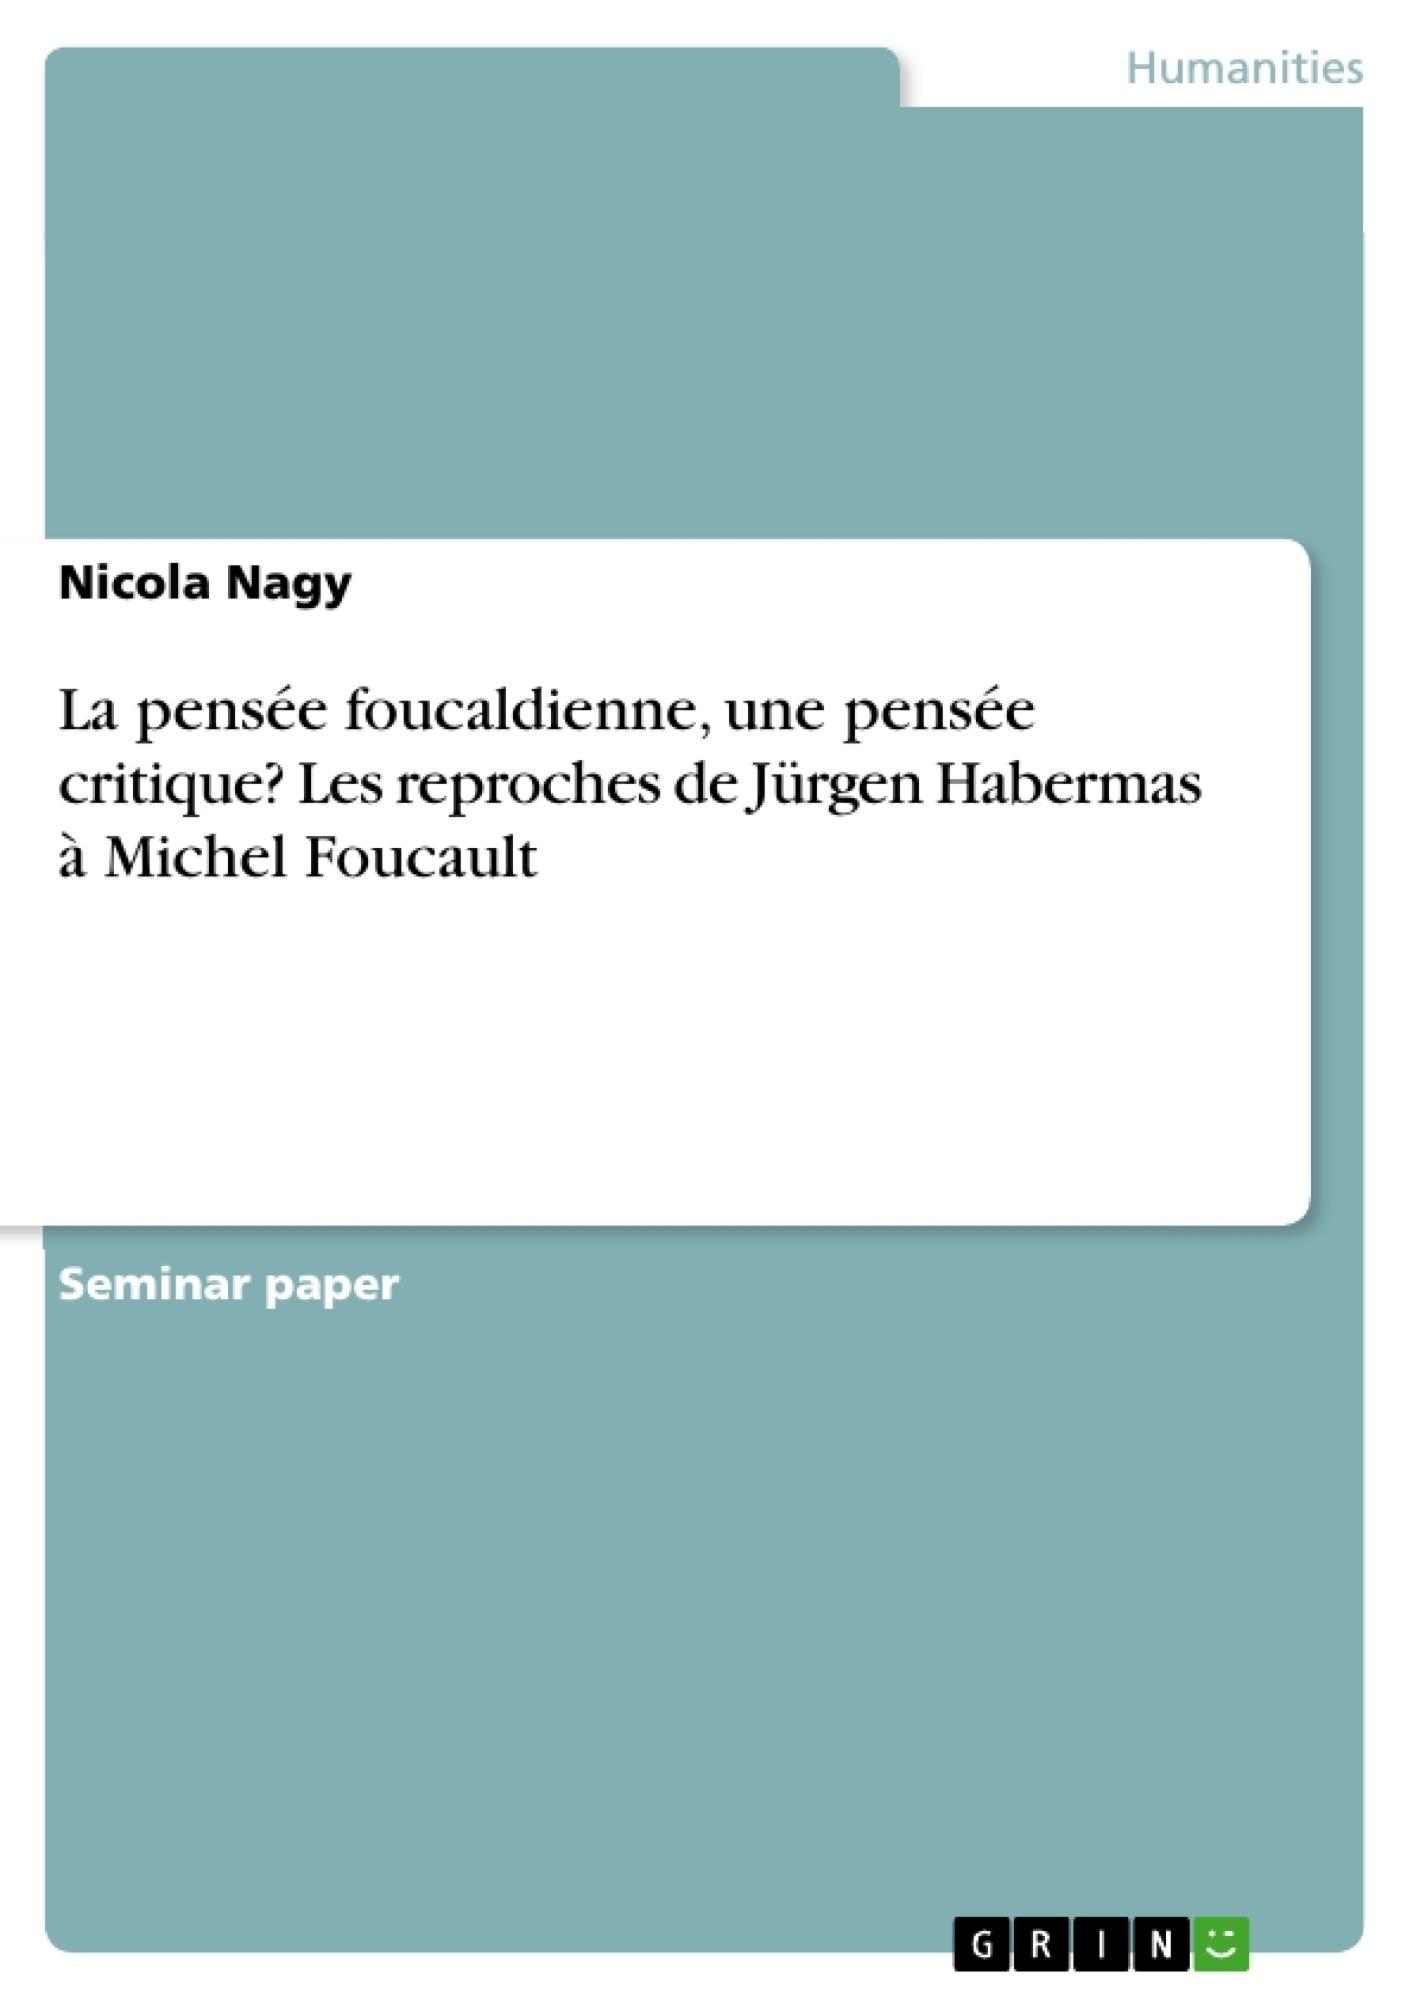 Titre: La pensée foucaldienne, une pensée critique? Les reproches de Jürgen Habermas à Michel Foucault